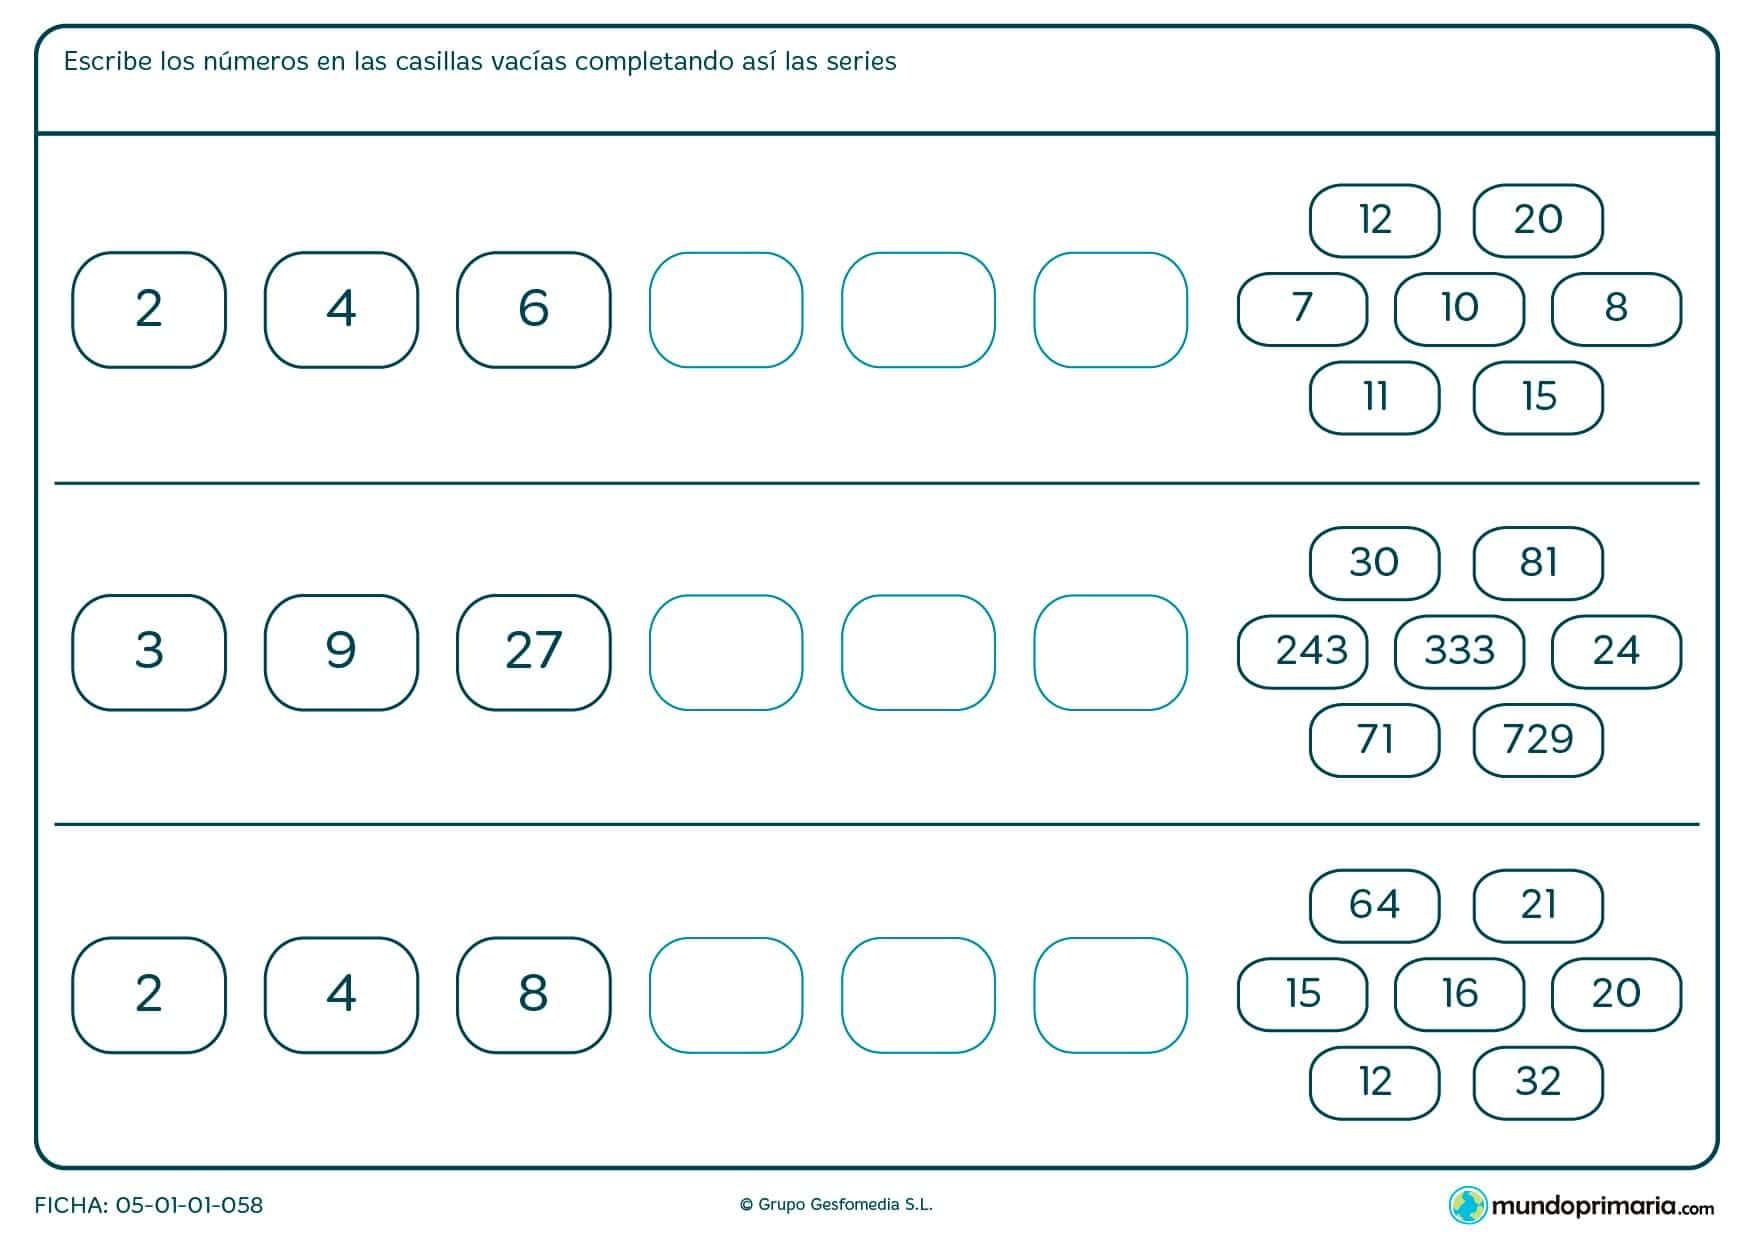 Completa los huecos en blanco con los números correspondientes para completar las series.